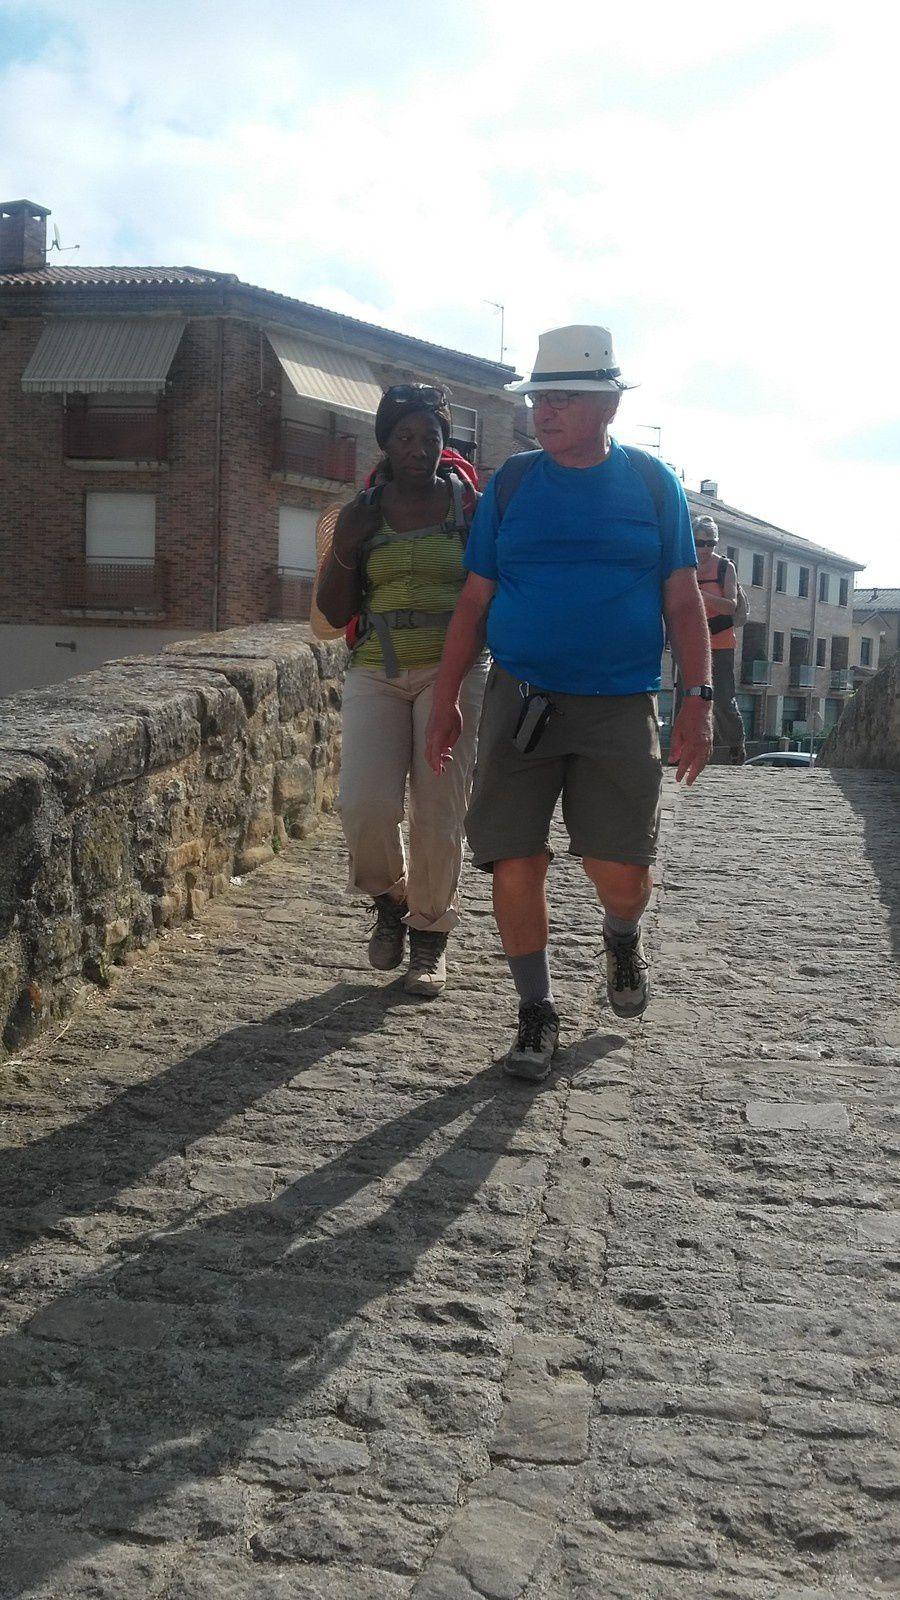 Dans Villatuerta une fois passé le pont sur le rio Iranzu, nous nous arrêtons dans l'église de l'Ascuncion.